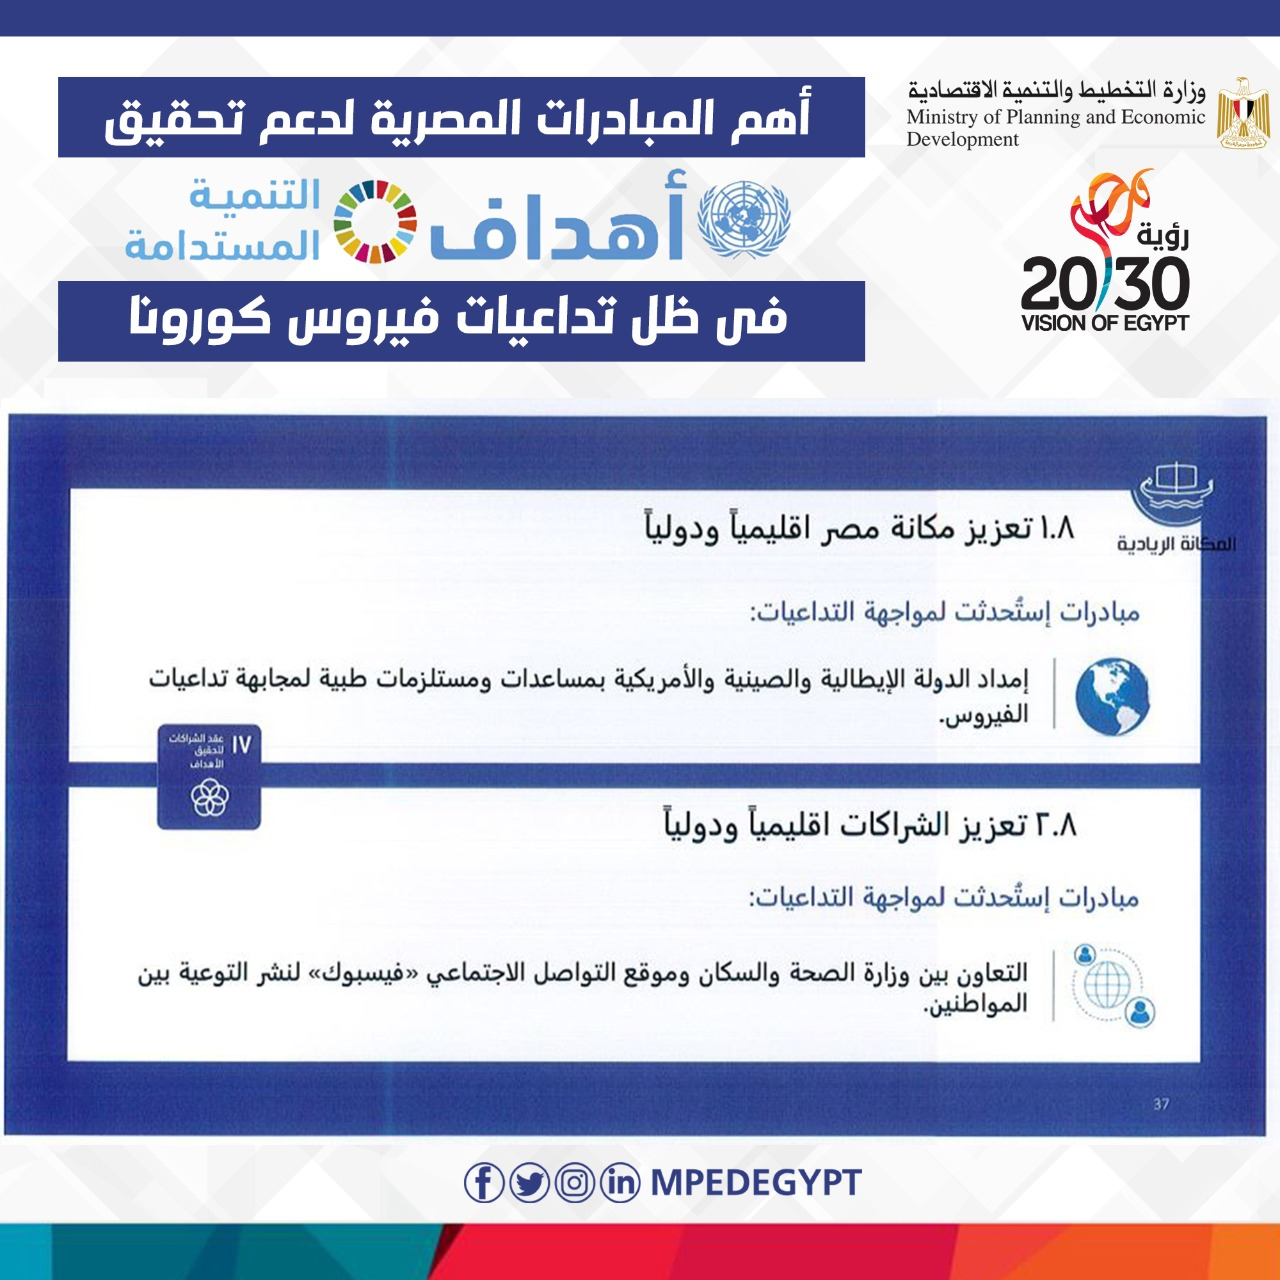 تعزيز مكانة مصر إقليمياً ودولياً